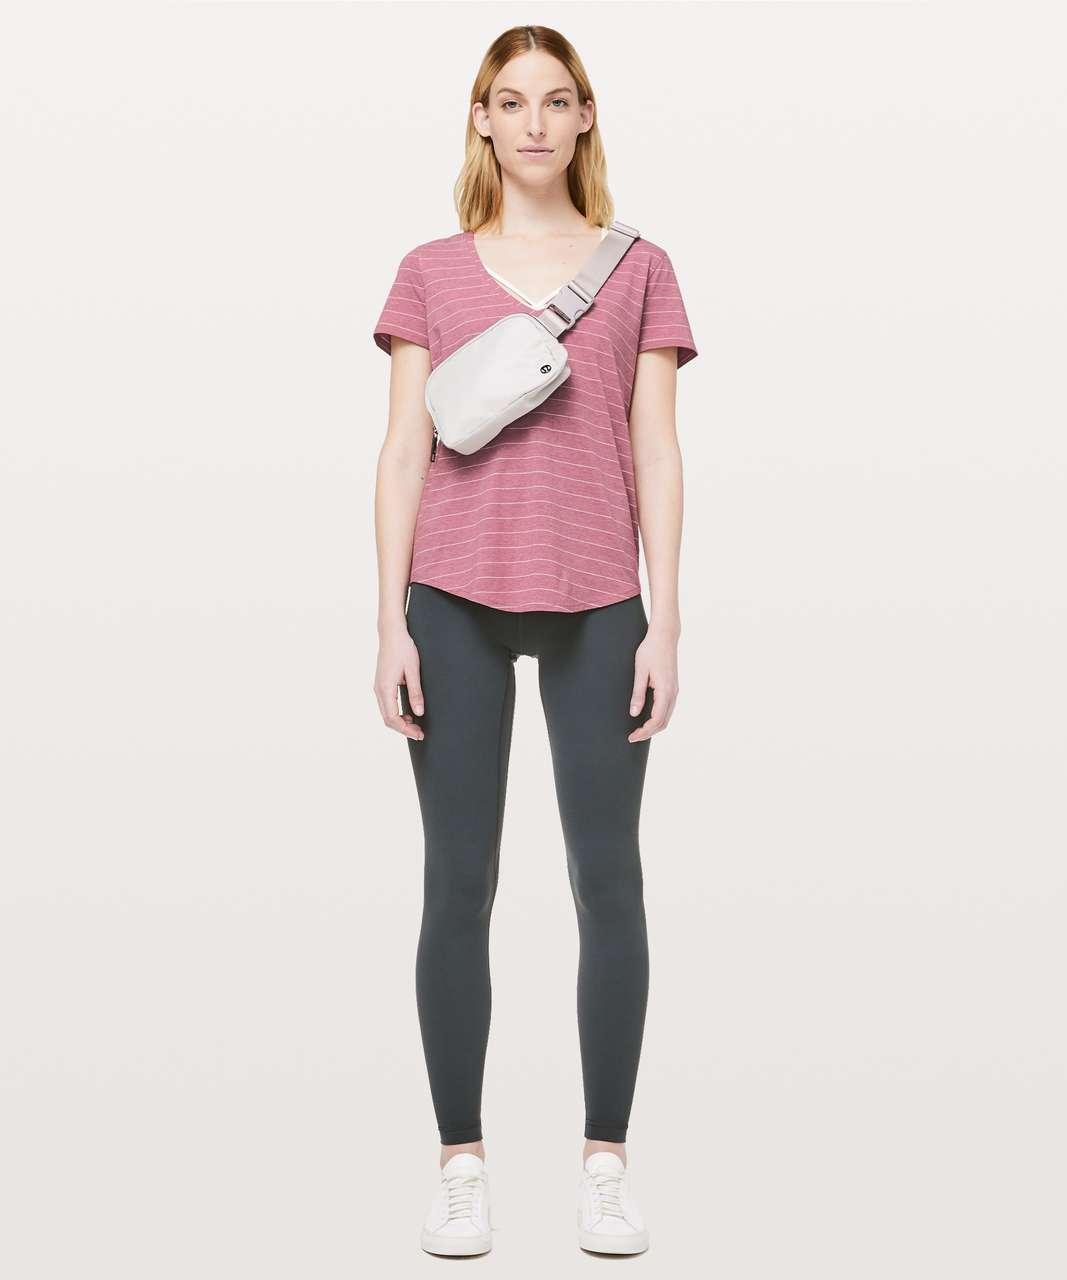 Lululemon Love Tee V - Short Serve Stripe Heathered So Merlot White